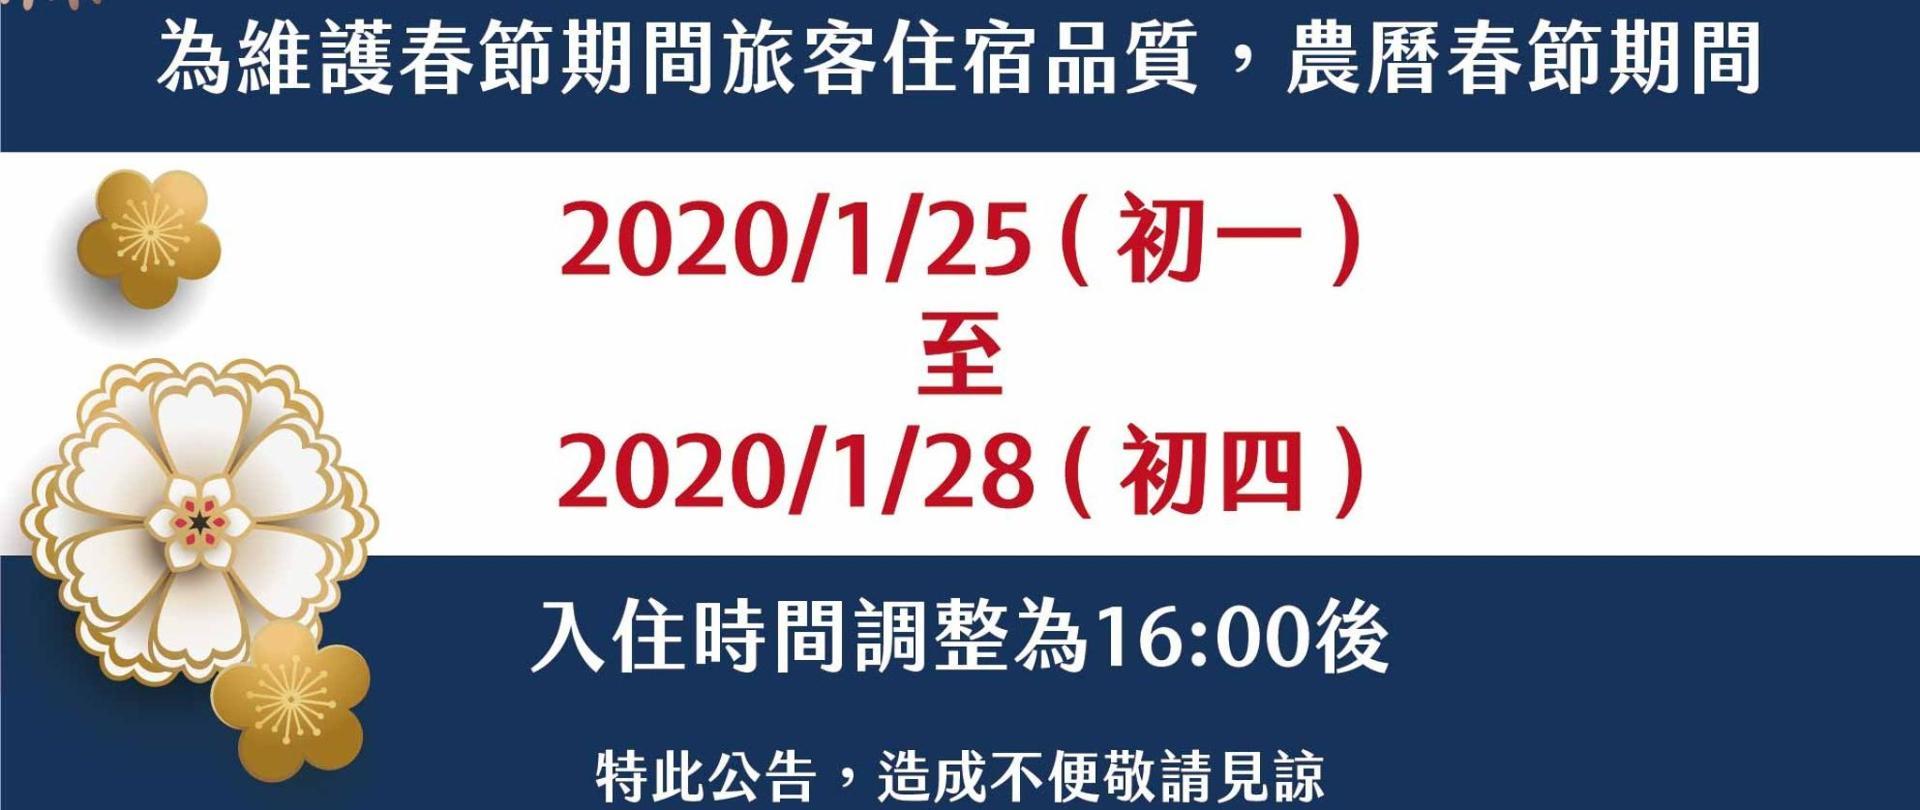 新春公告-01.jpg